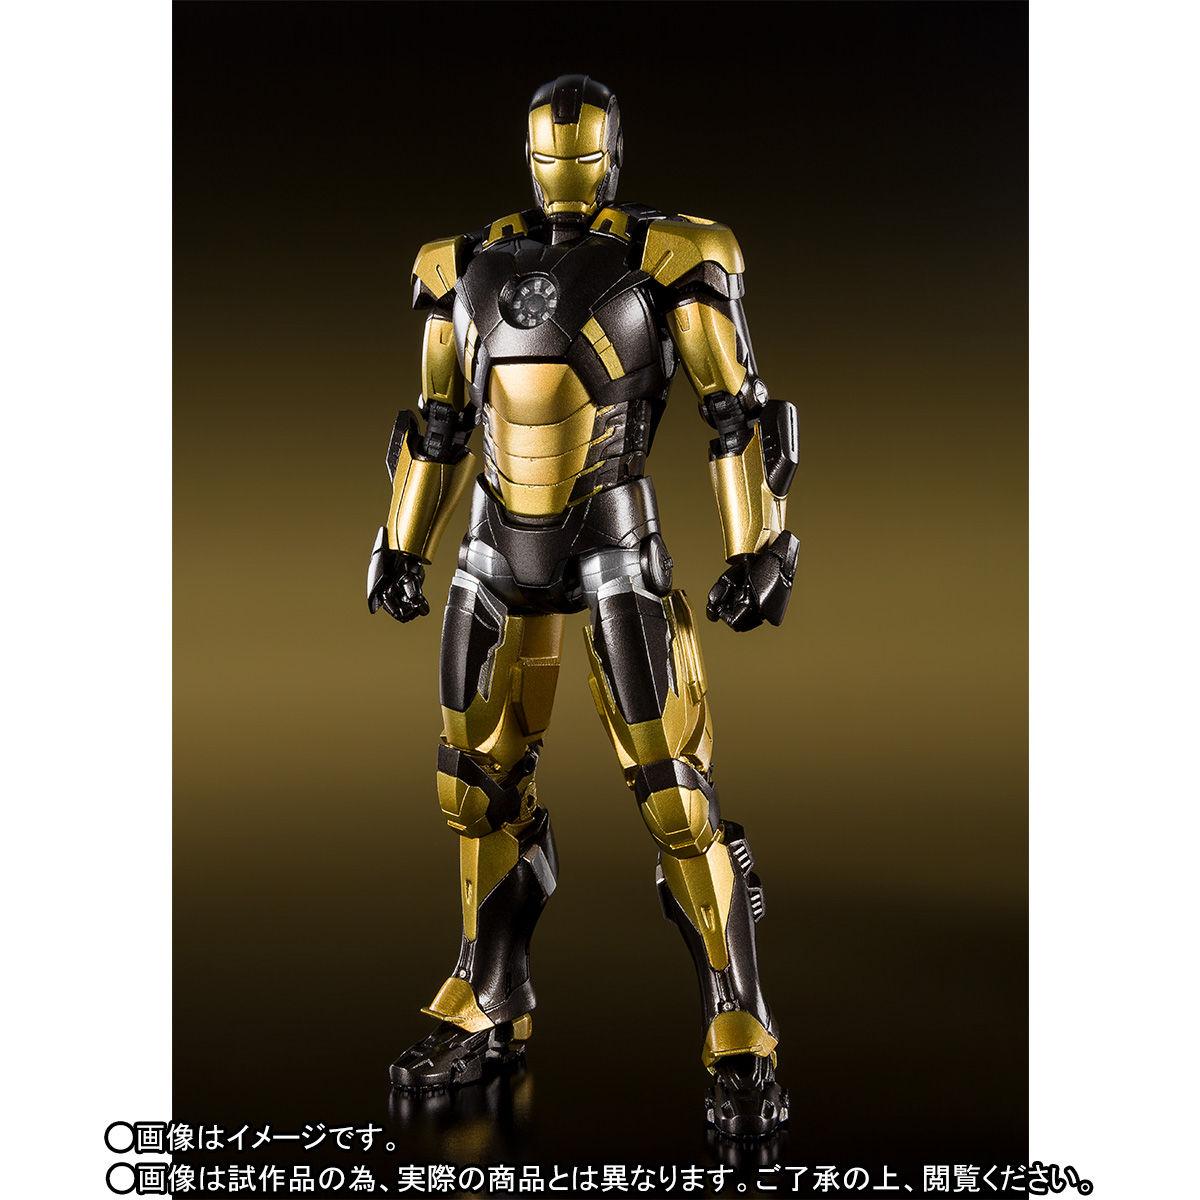 S.H.フィギュアーツ『アイアンマン マーク20 パイソン』アイアンマン3 可動フィギュア-002